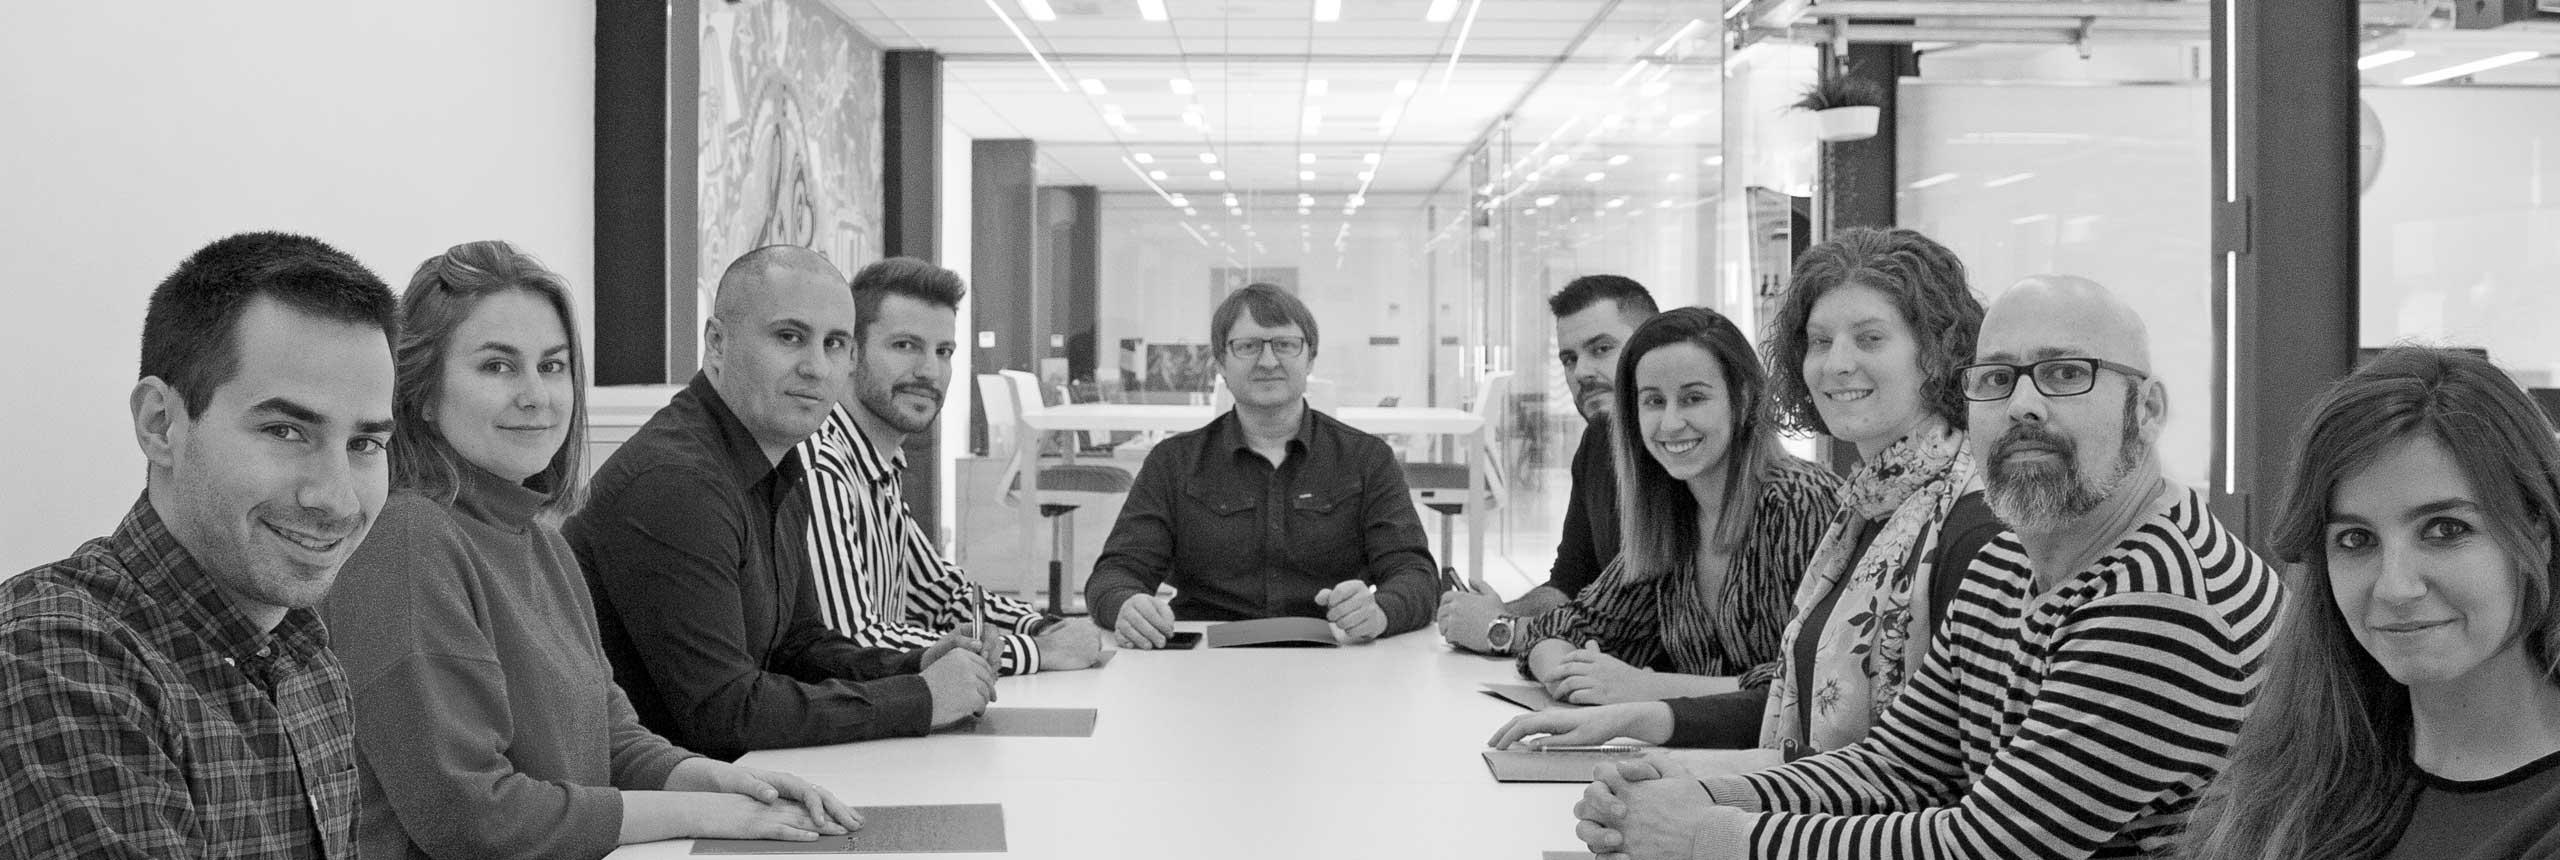 Estudio de marketing y diseño | Ugedafita